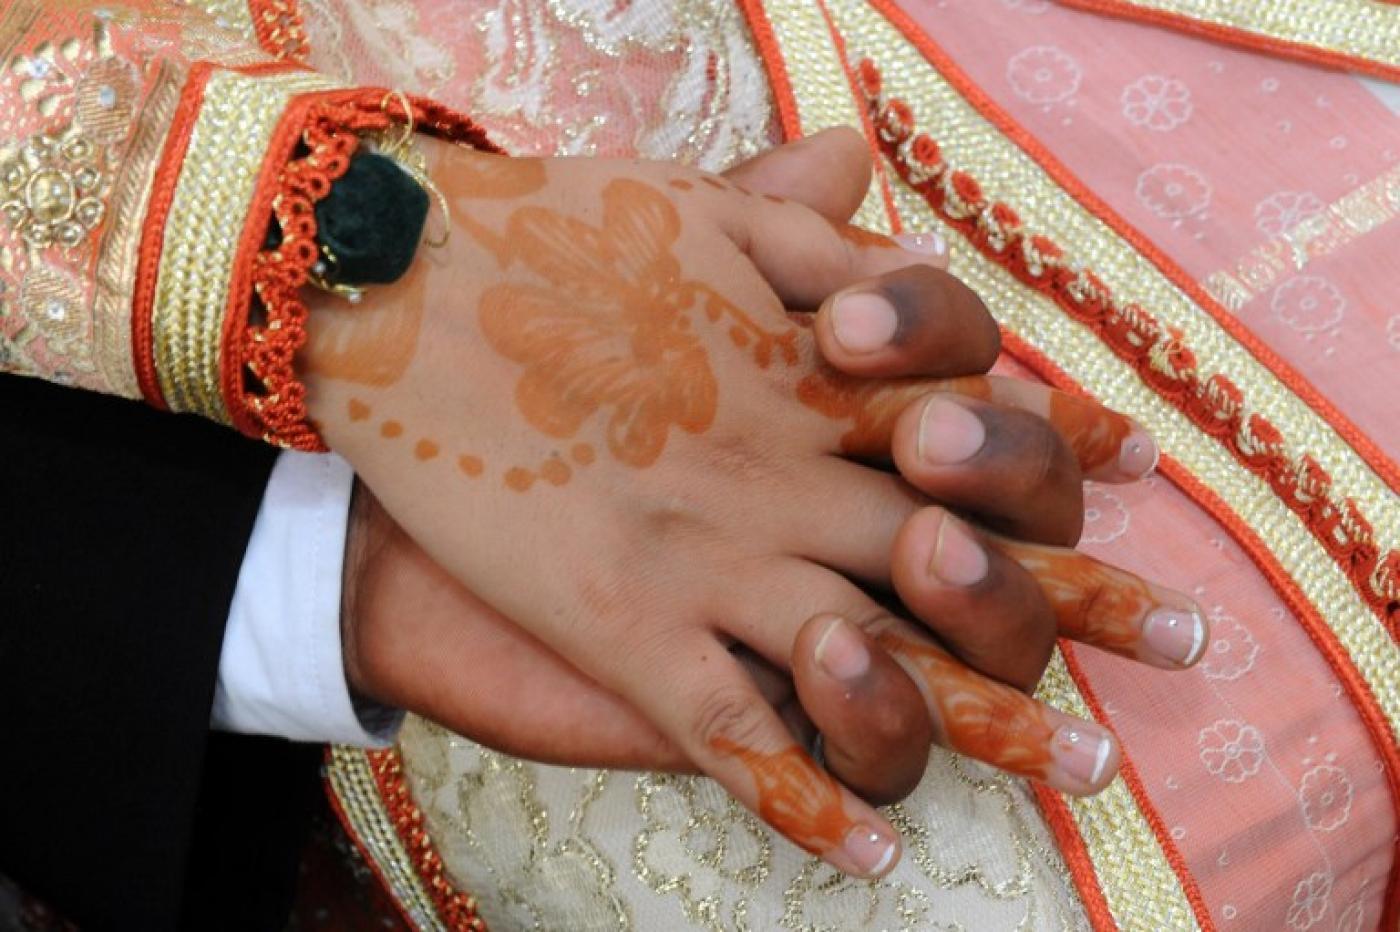 Le mariage des mineurs, un fléau enraciné dans les mœurs